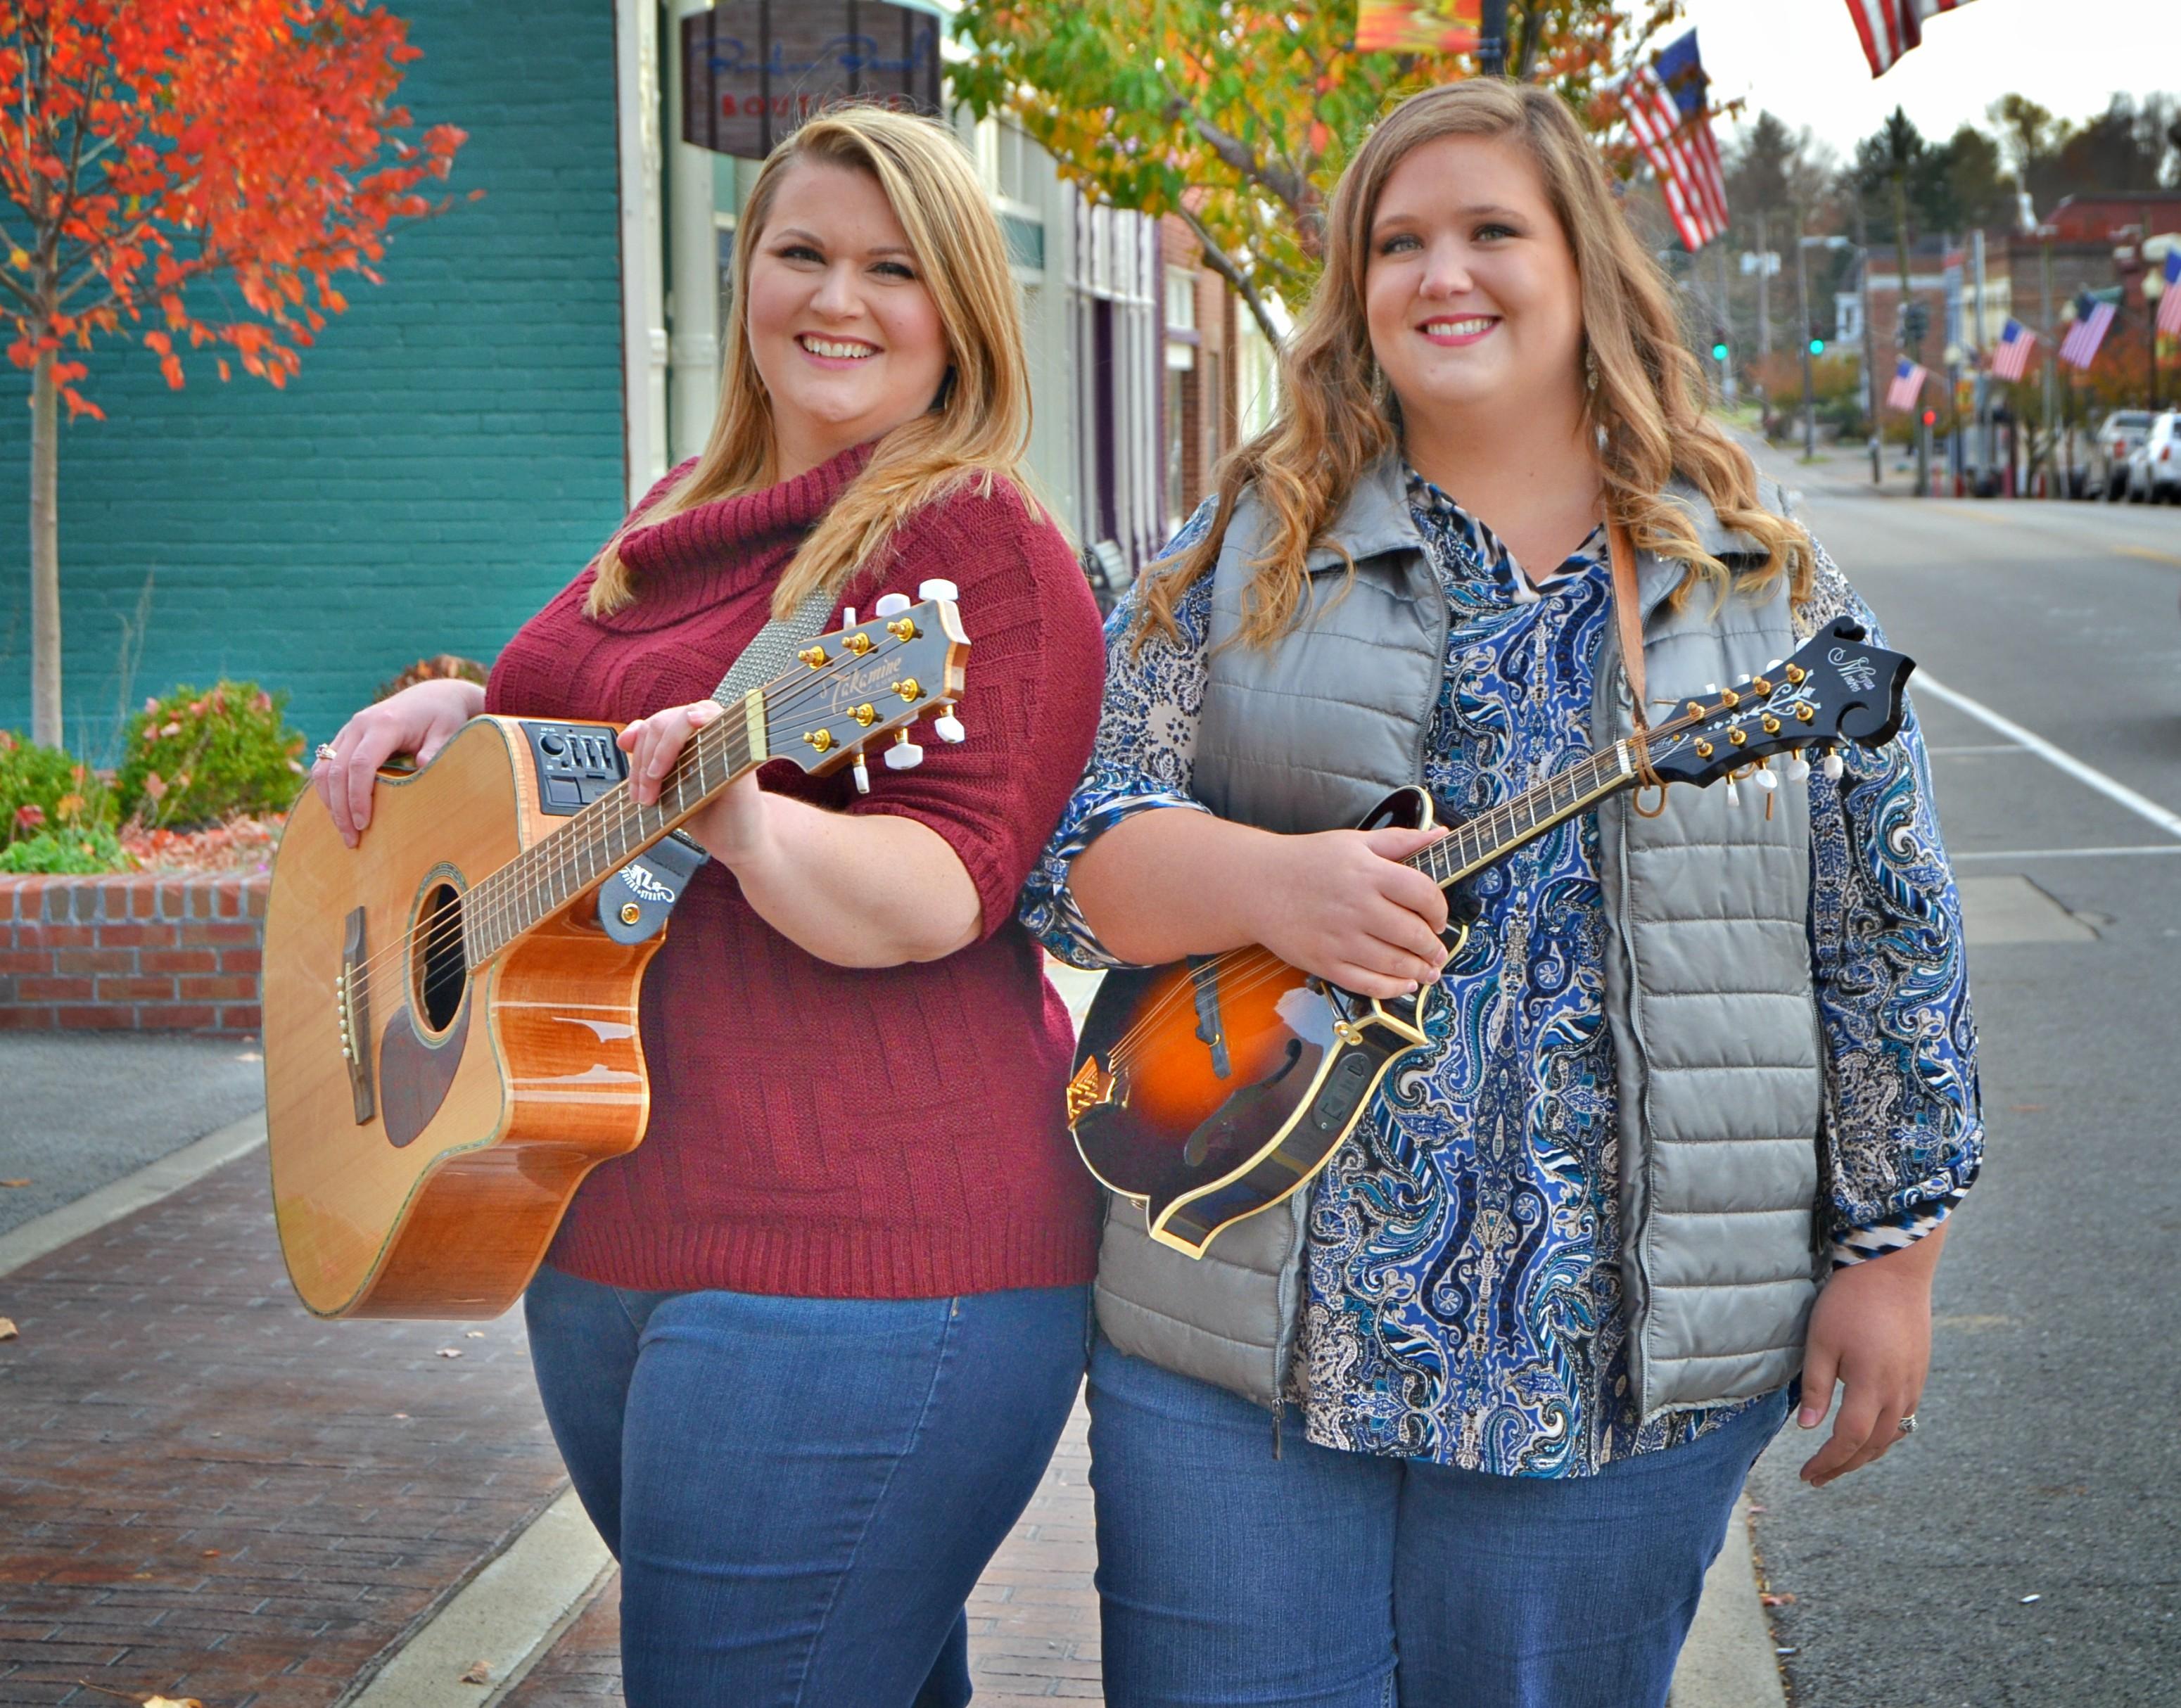 Small town dreams come true for Lawrenceburg music duo